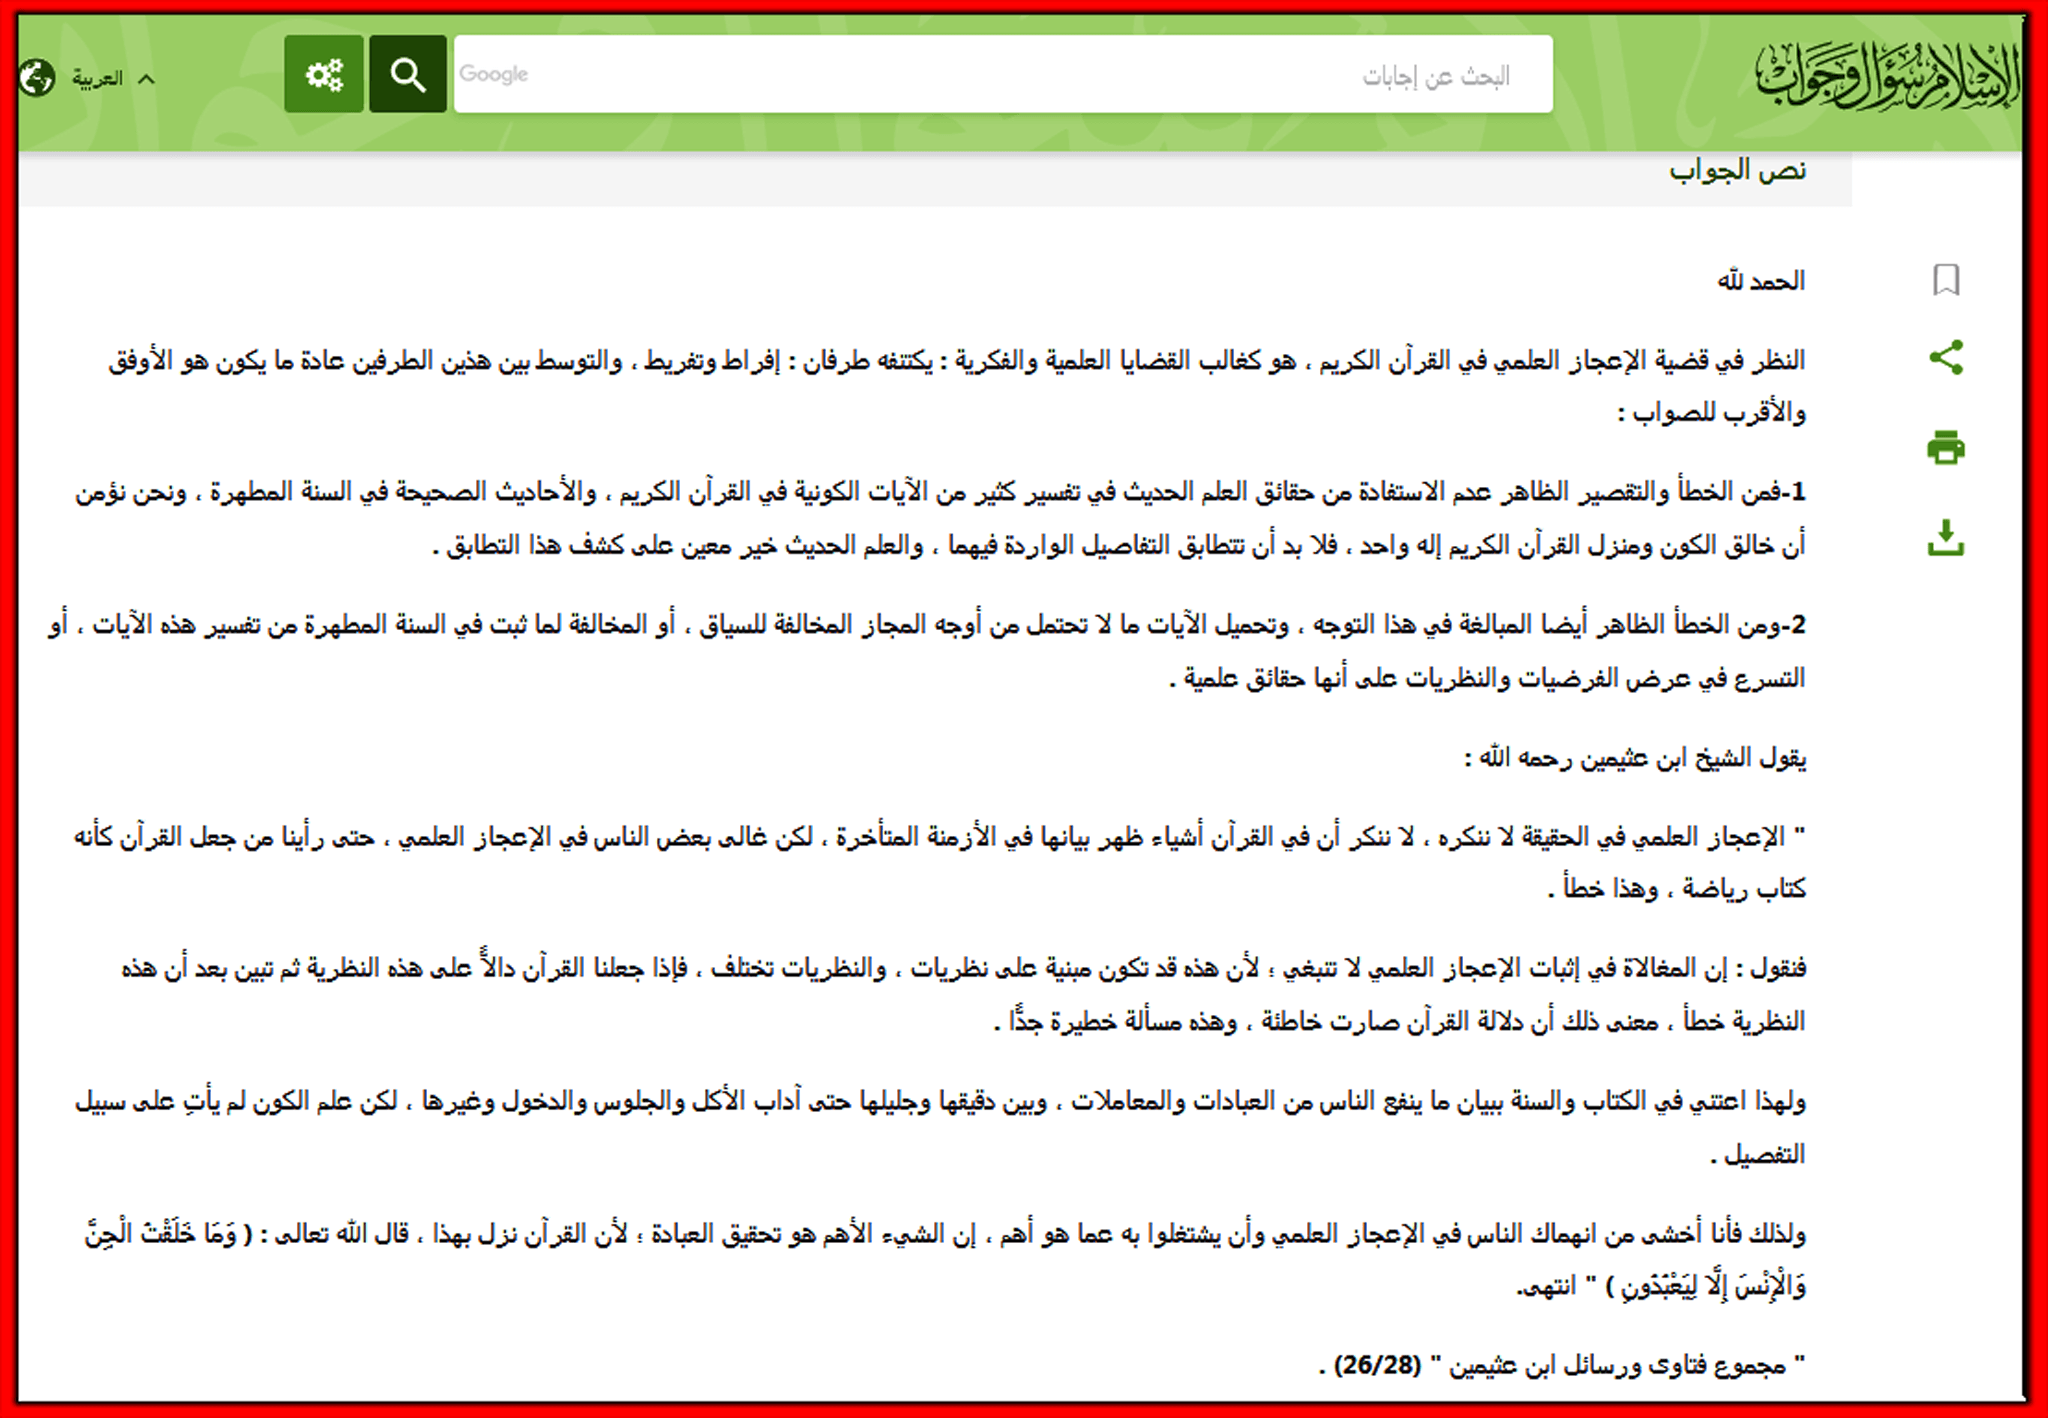 صورة من كلام الشيخ ابن العثيمين عن الإعجاز العلمي في القرءان الكريم